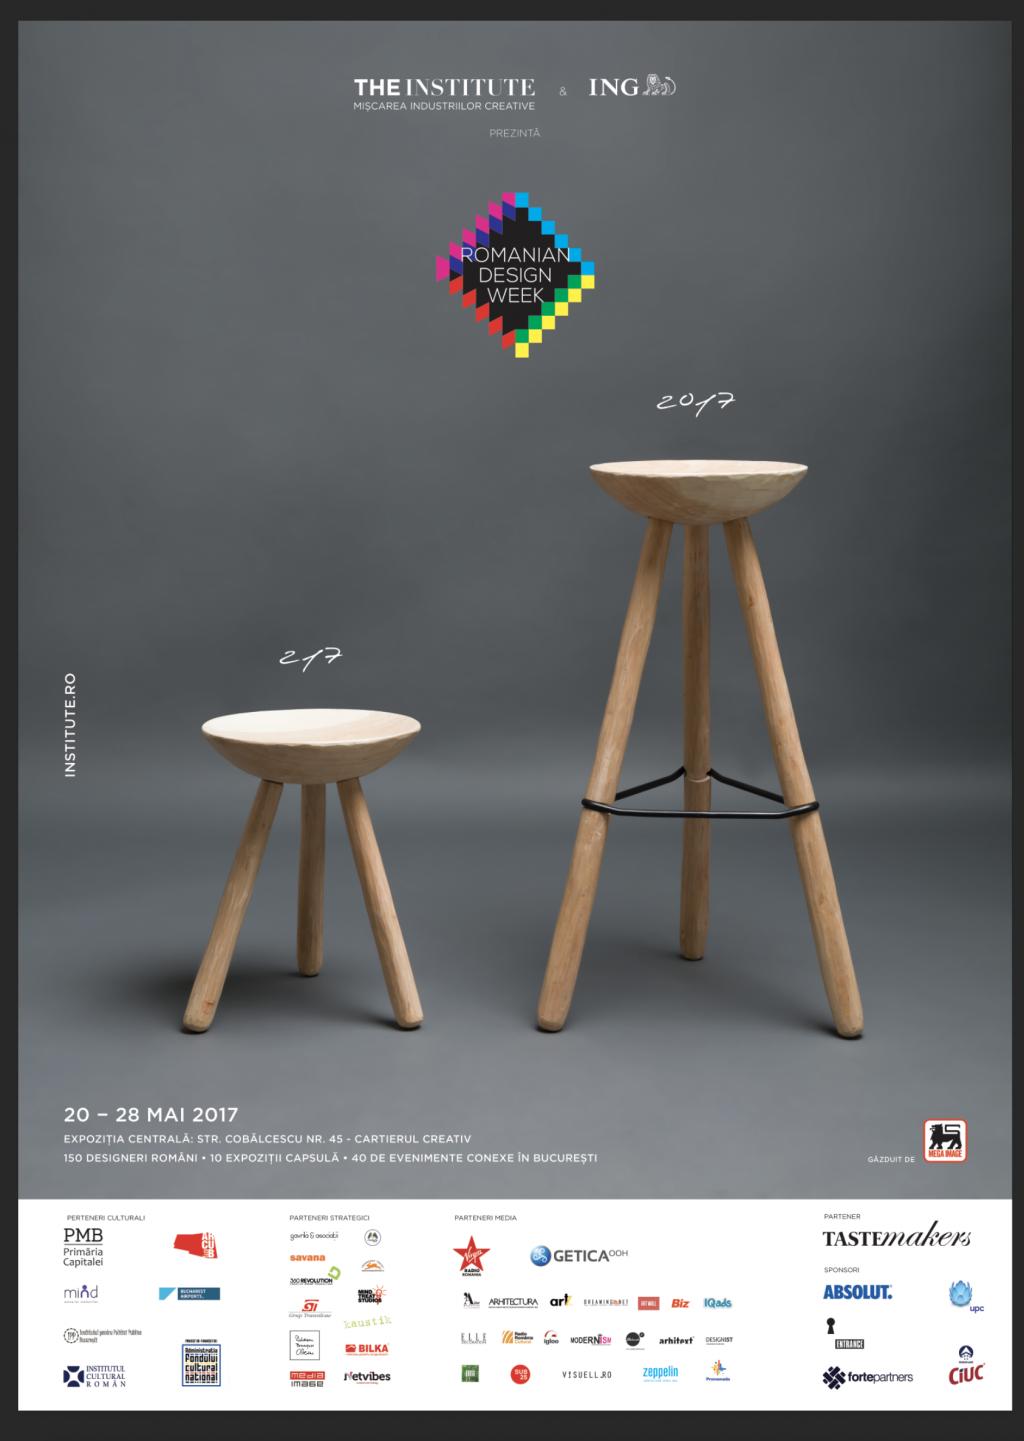 Cea mai aglomerată săptămână a designului începe mâine Start Romanian Design Week